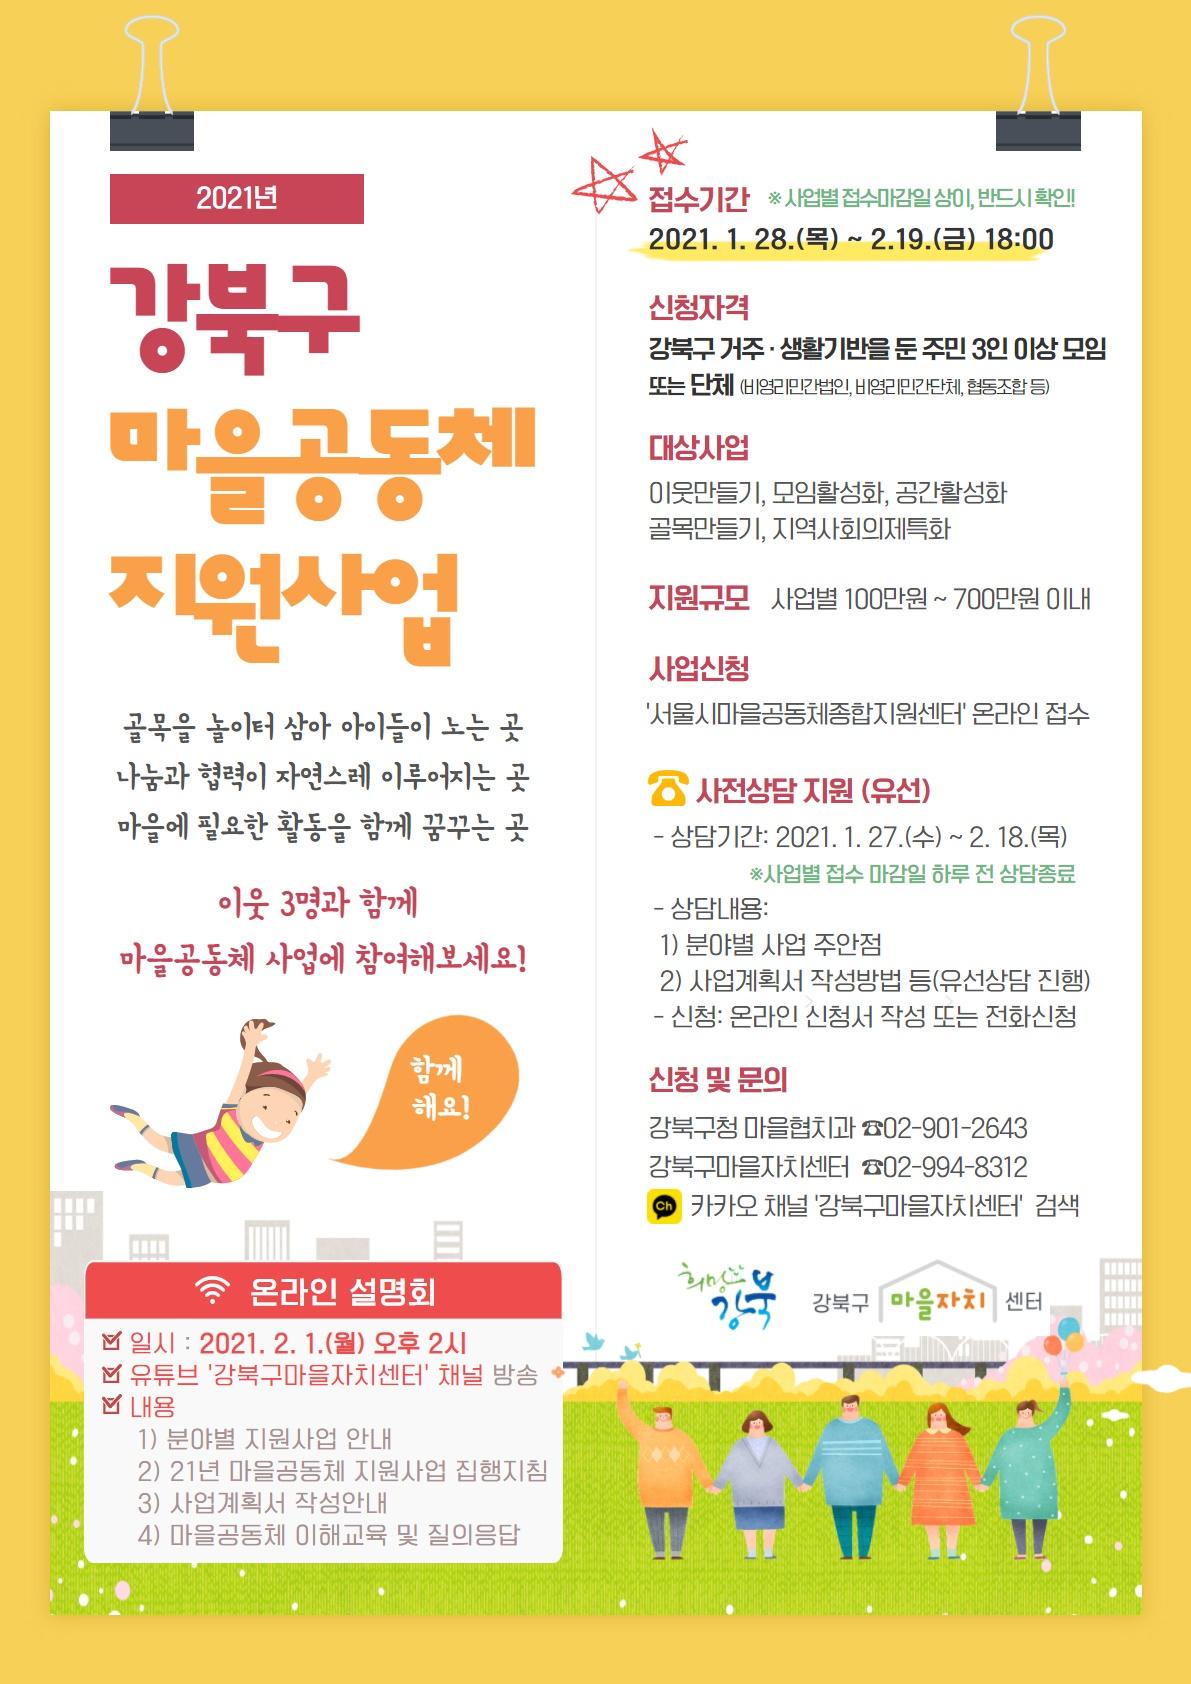 강북구, 2021 마을공동체 지원 사업 공모…설명회 개최